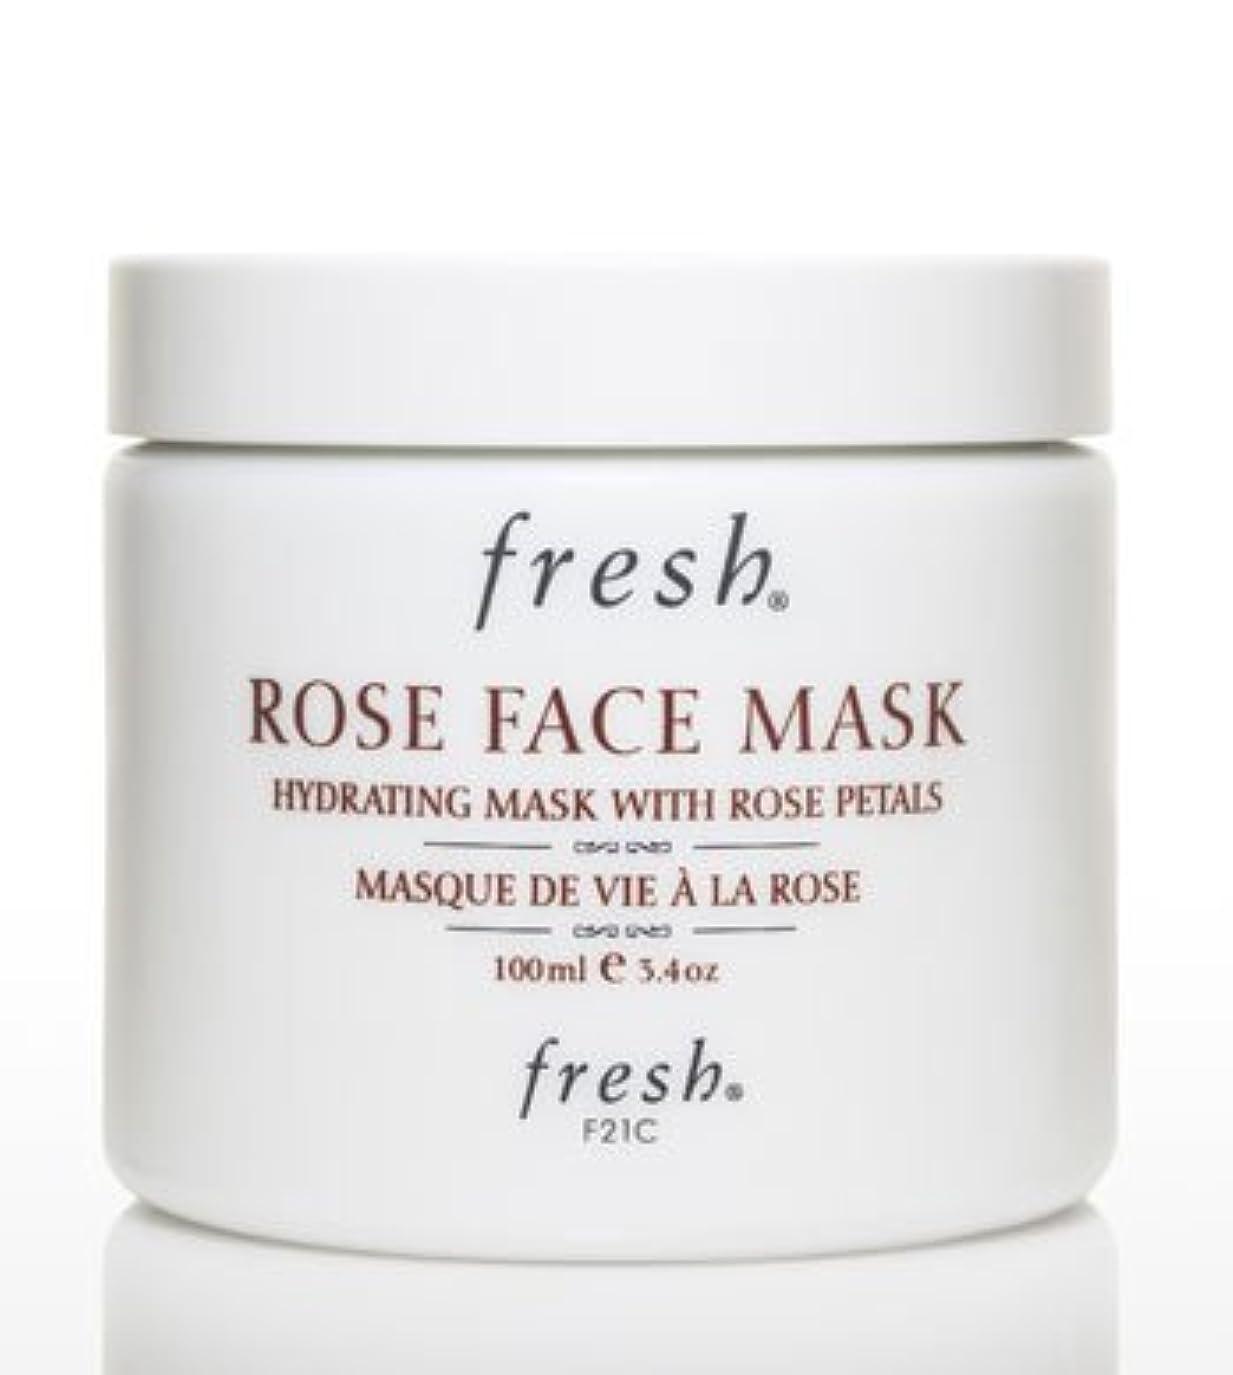 手当心のこもった平手打ちFresh ROSE FACE MASK (フレッシュ ローズフェイスマスク) 3.4 oz (100g) by Fresh for Women